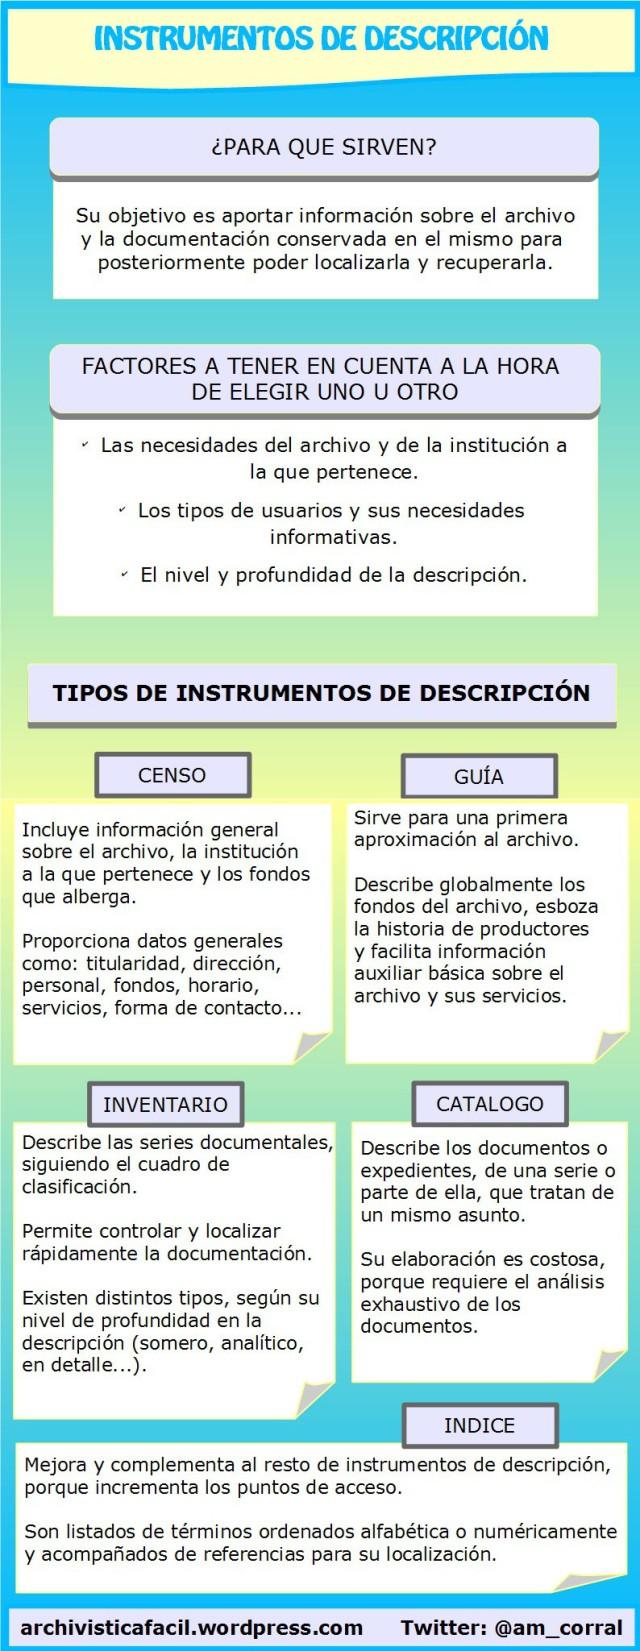 Infografia: Instrumentos de descripcion archivistica - Dokutekana